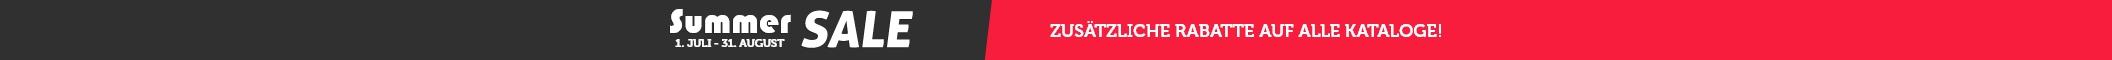 banner-summer-sale-2021-kleidung-fashionpo-desktop.jpg